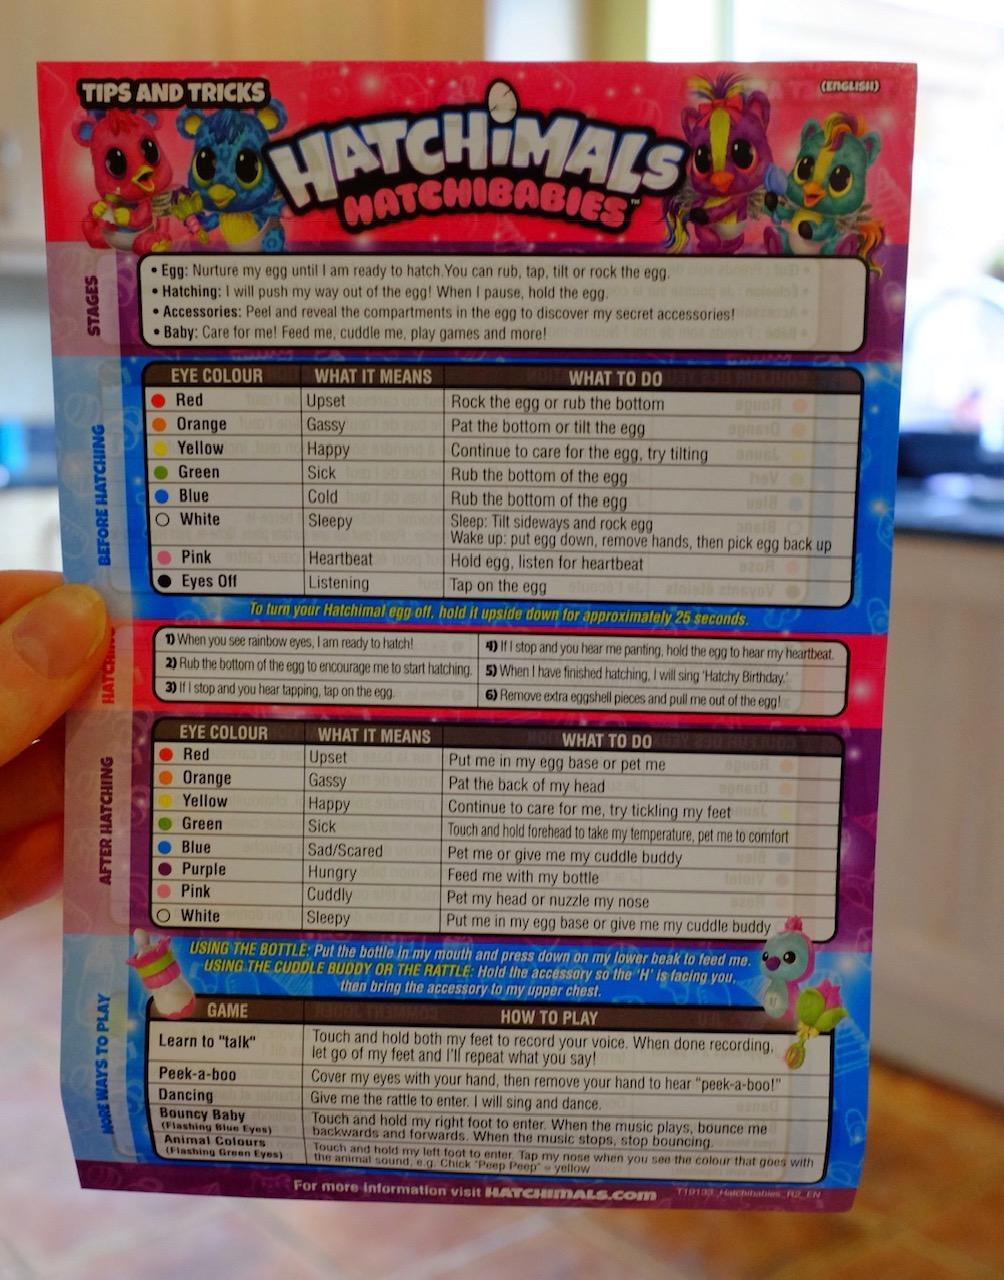 Hatchimals HatchiBabies crib sheet